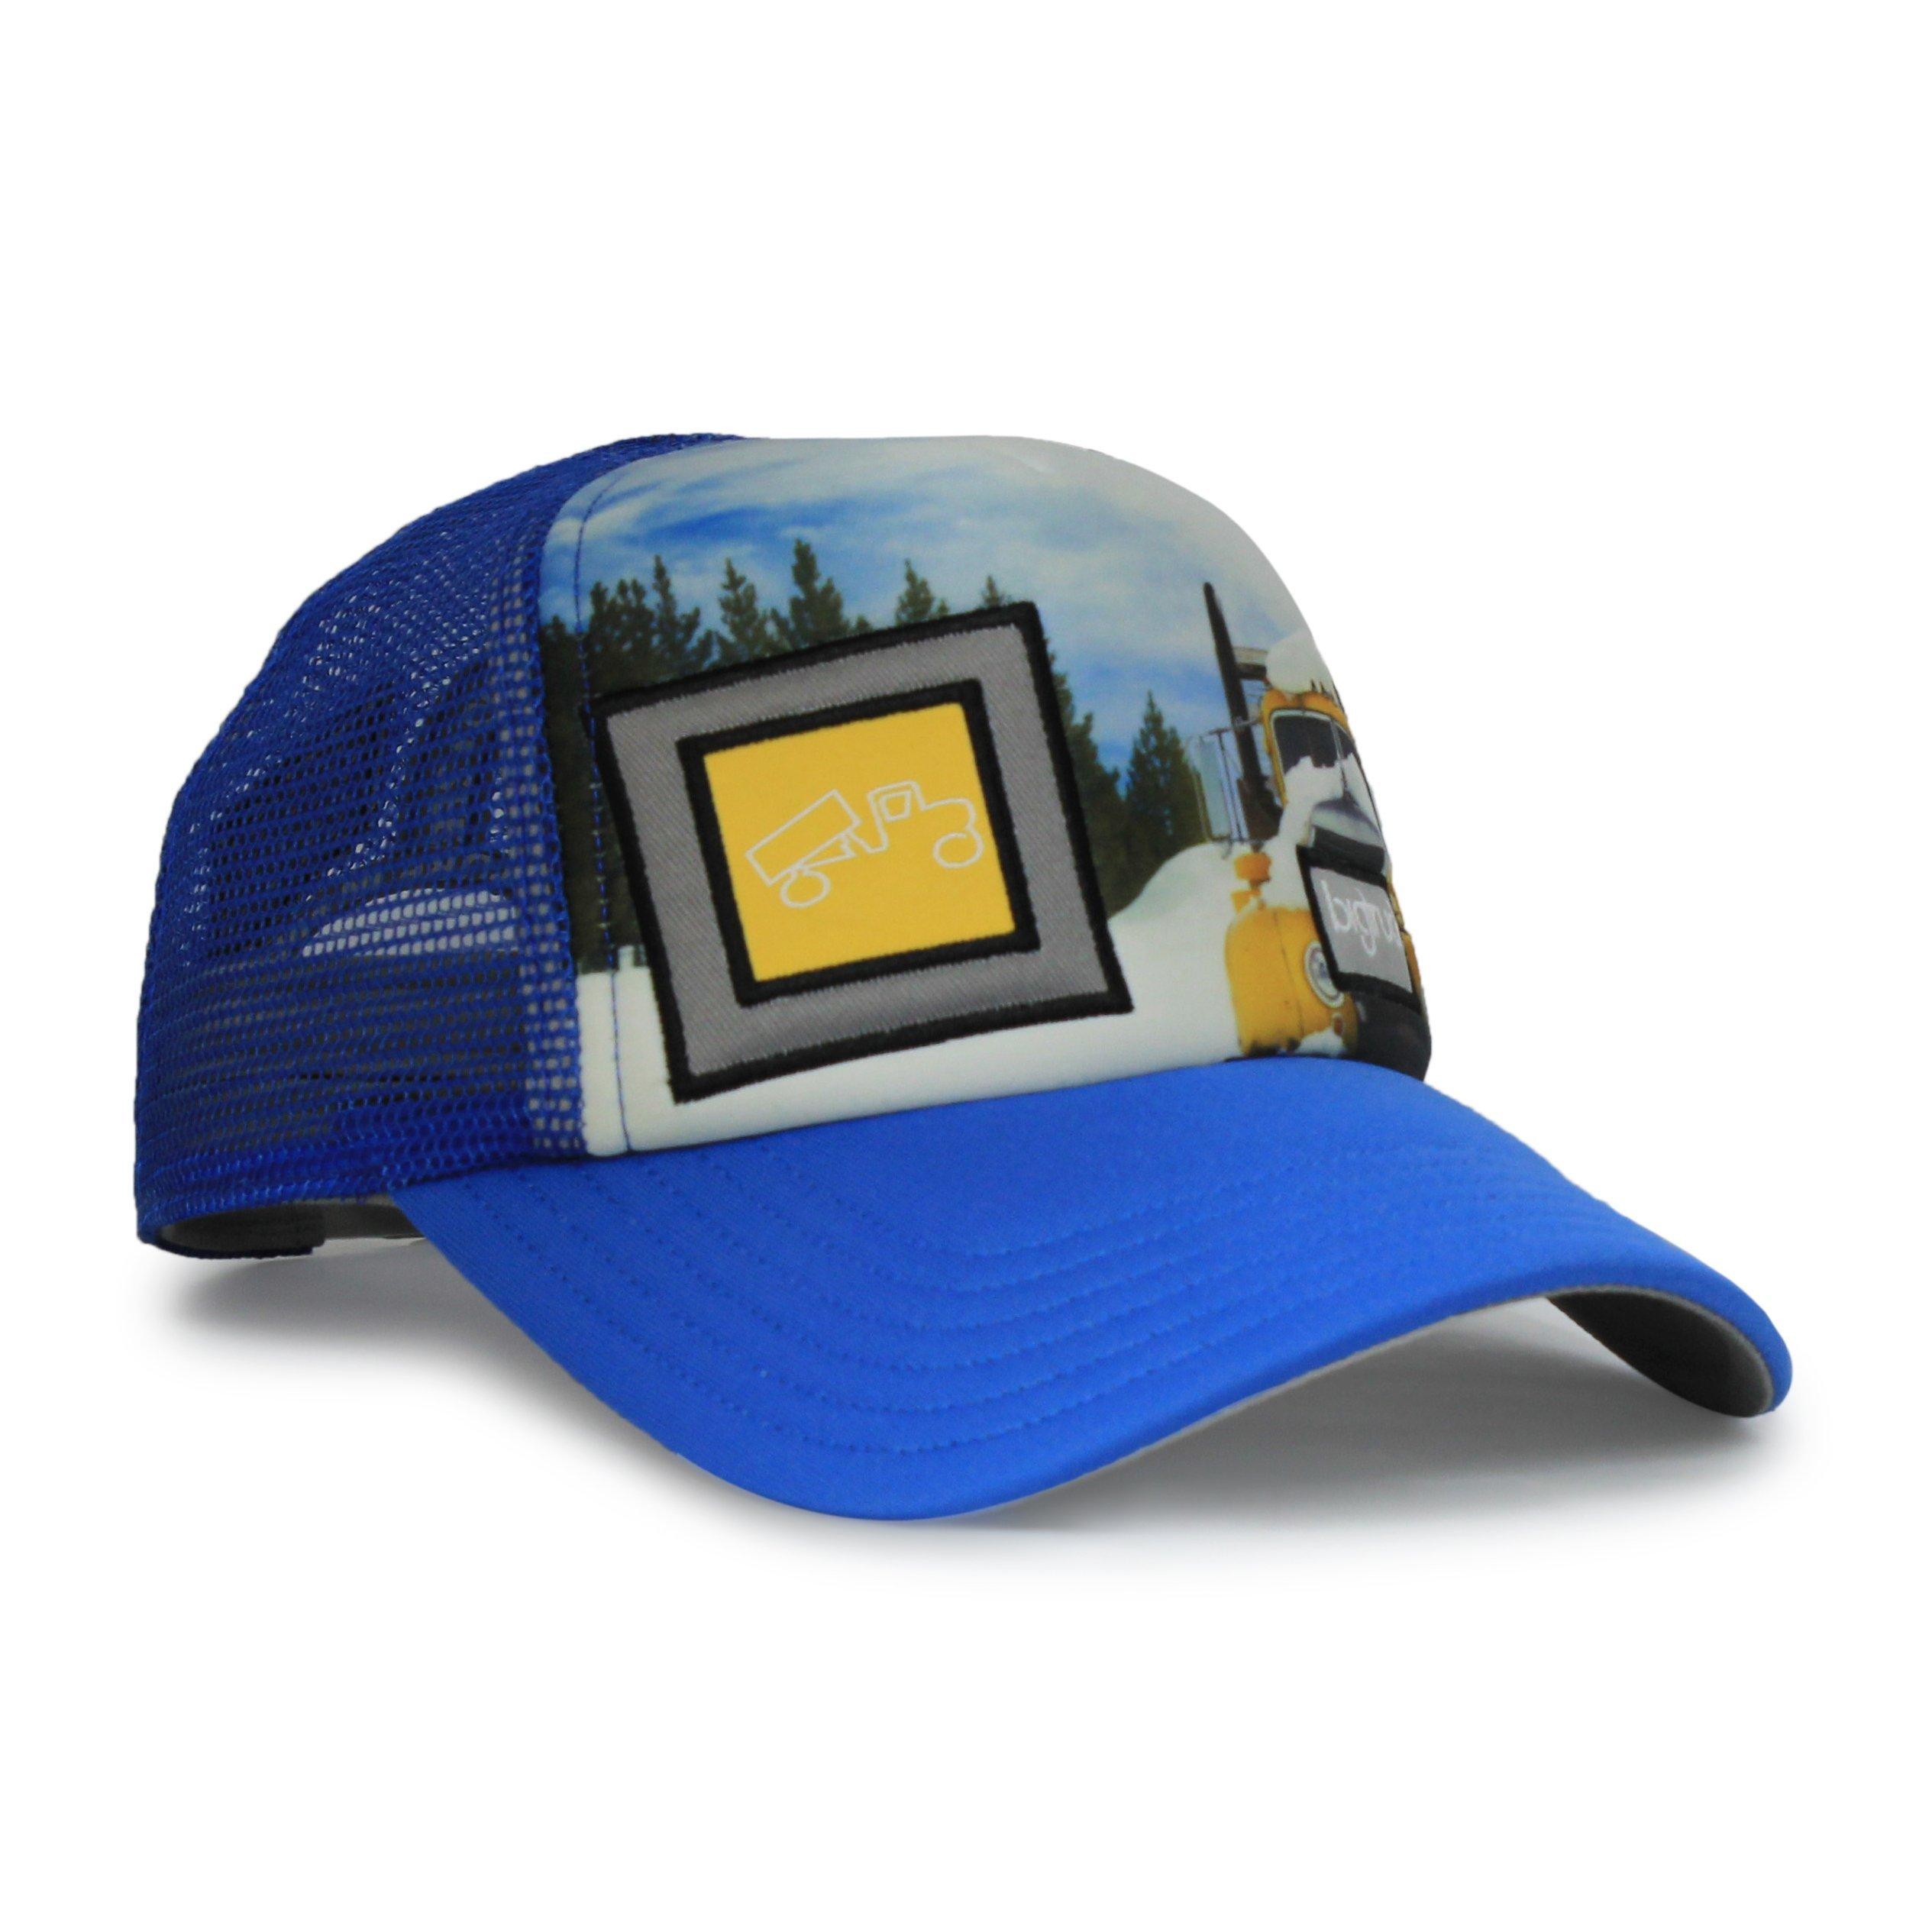 bigtruck Original Toddler Mesh Snapback Toddler Trucker Hat, Sublimated Blue